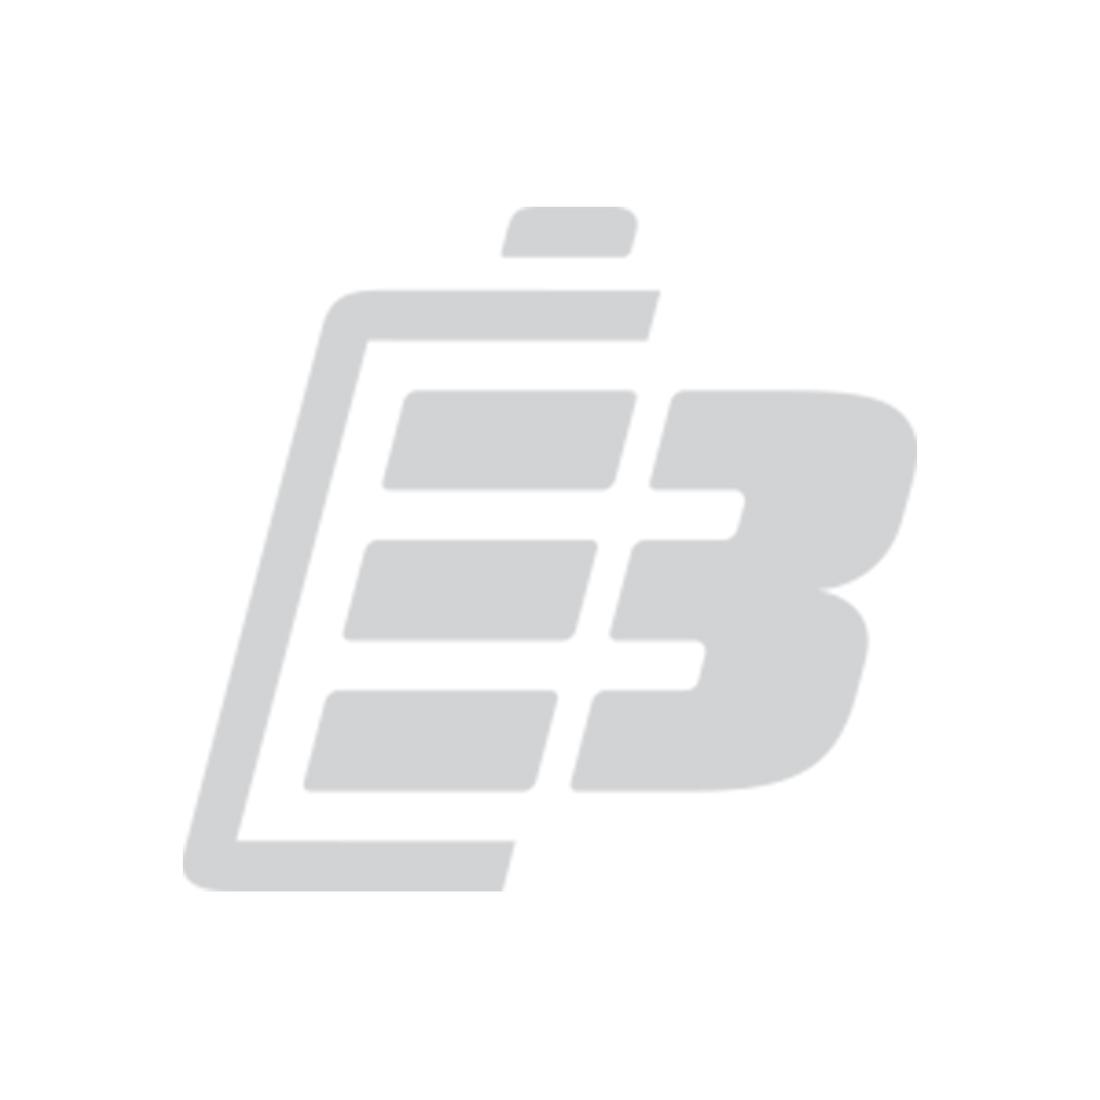 Wireless Speaker battery JBL Flip 4_